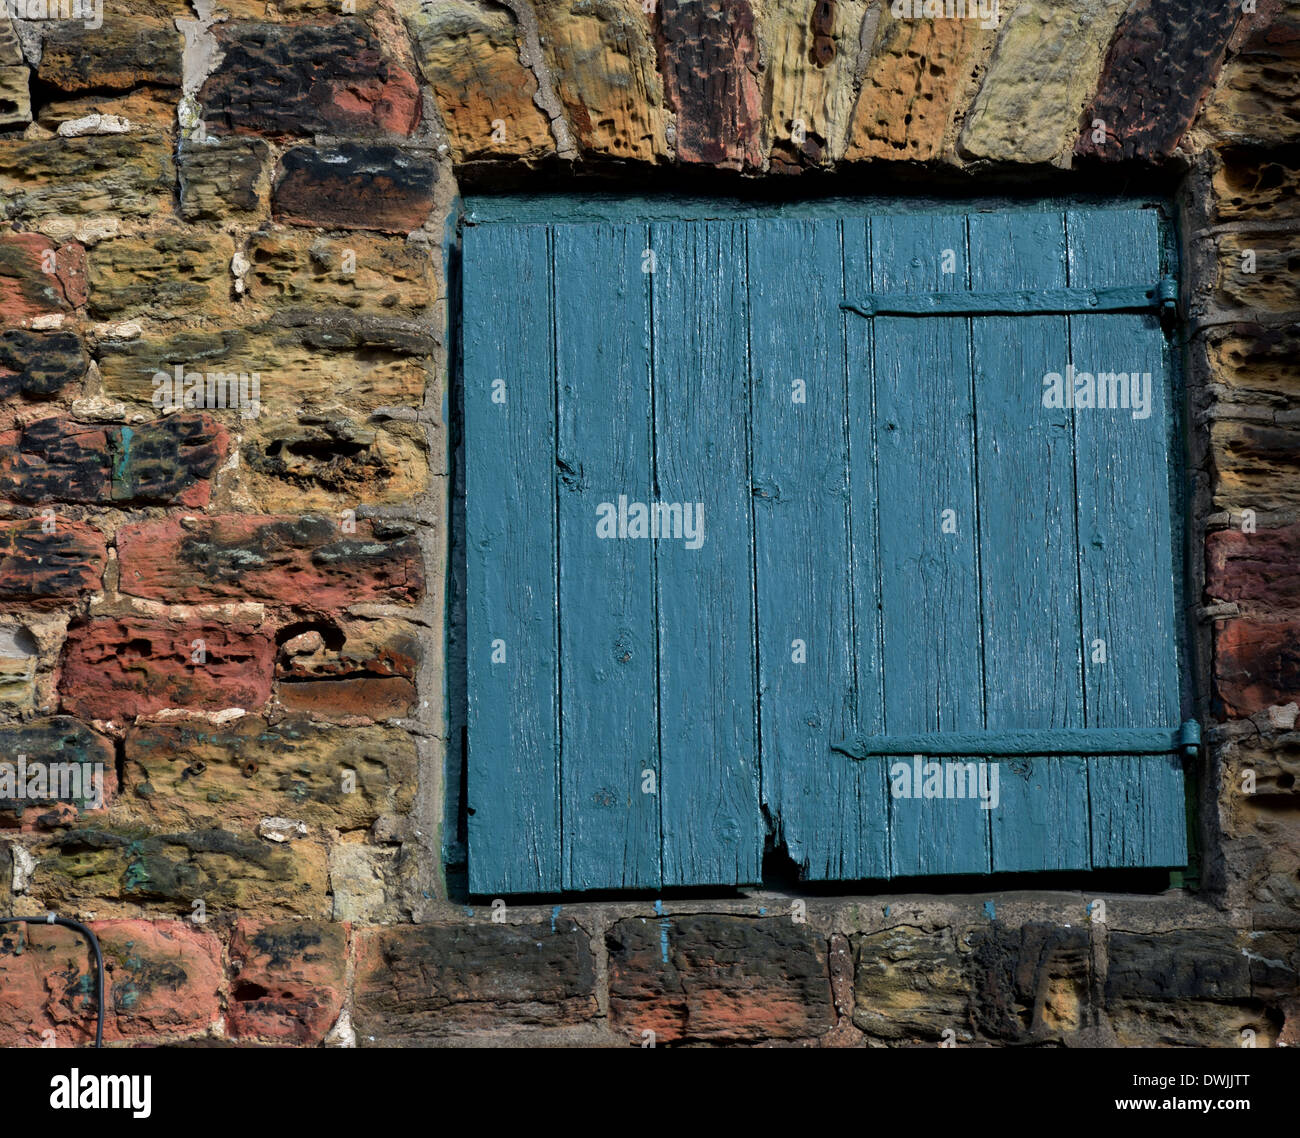 A Green wooden door - Stock Image